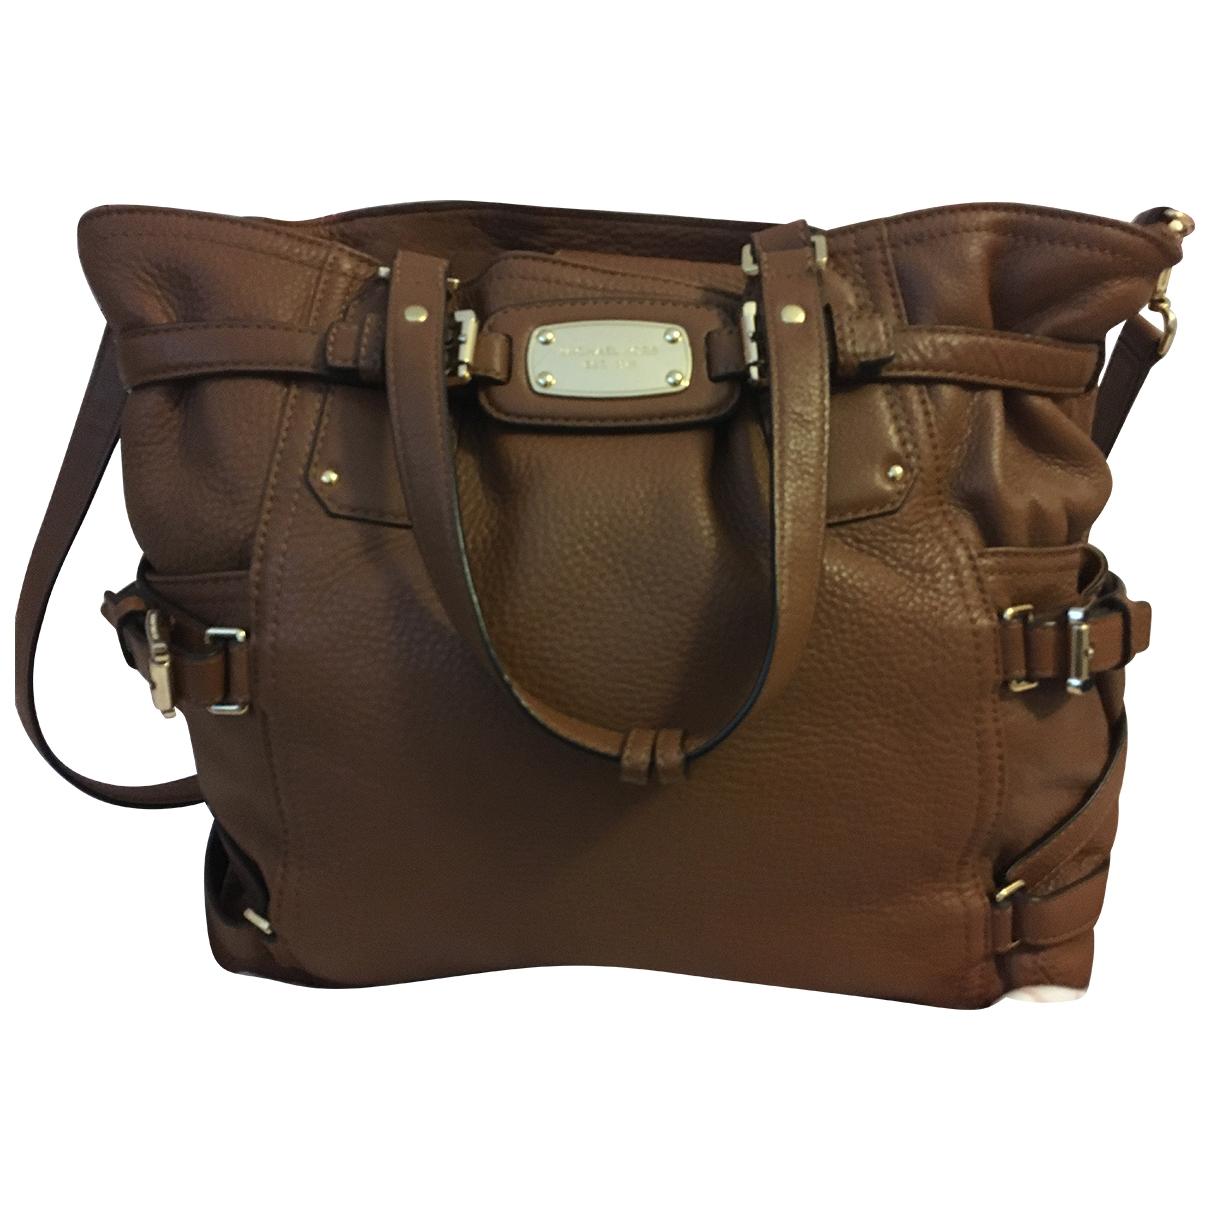 Michael Kors \N Camel Leather handbag for Women \N